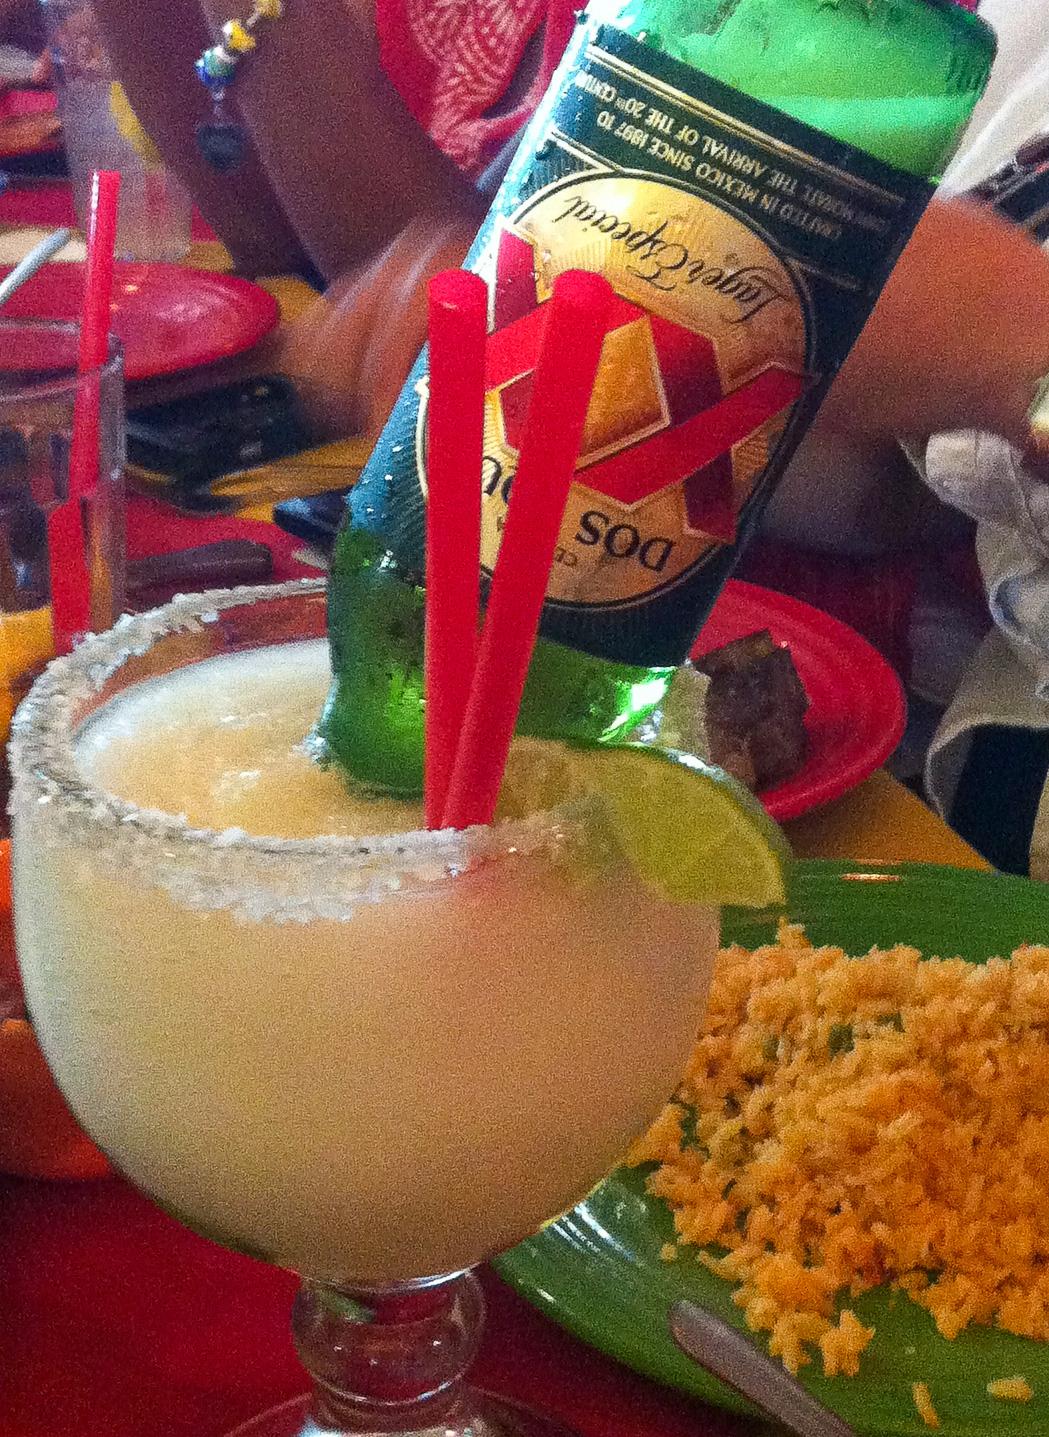 Die Dosarita trinkt man in San Antonio in Texas schon zum Frühstück, es handelt sich um eine Margarite mit einer Flasche Dos Equis drin